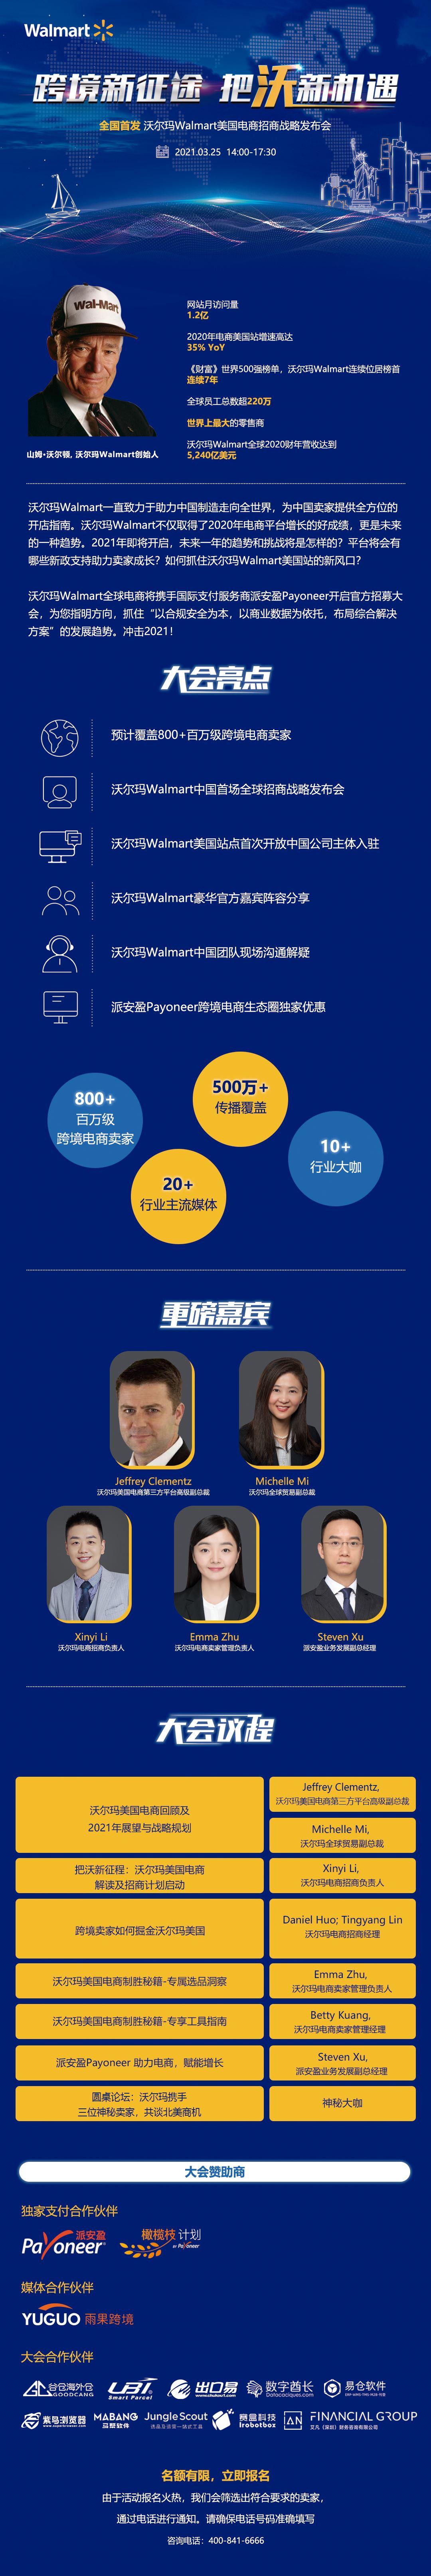 WeChat Image_20210316145532.jpg